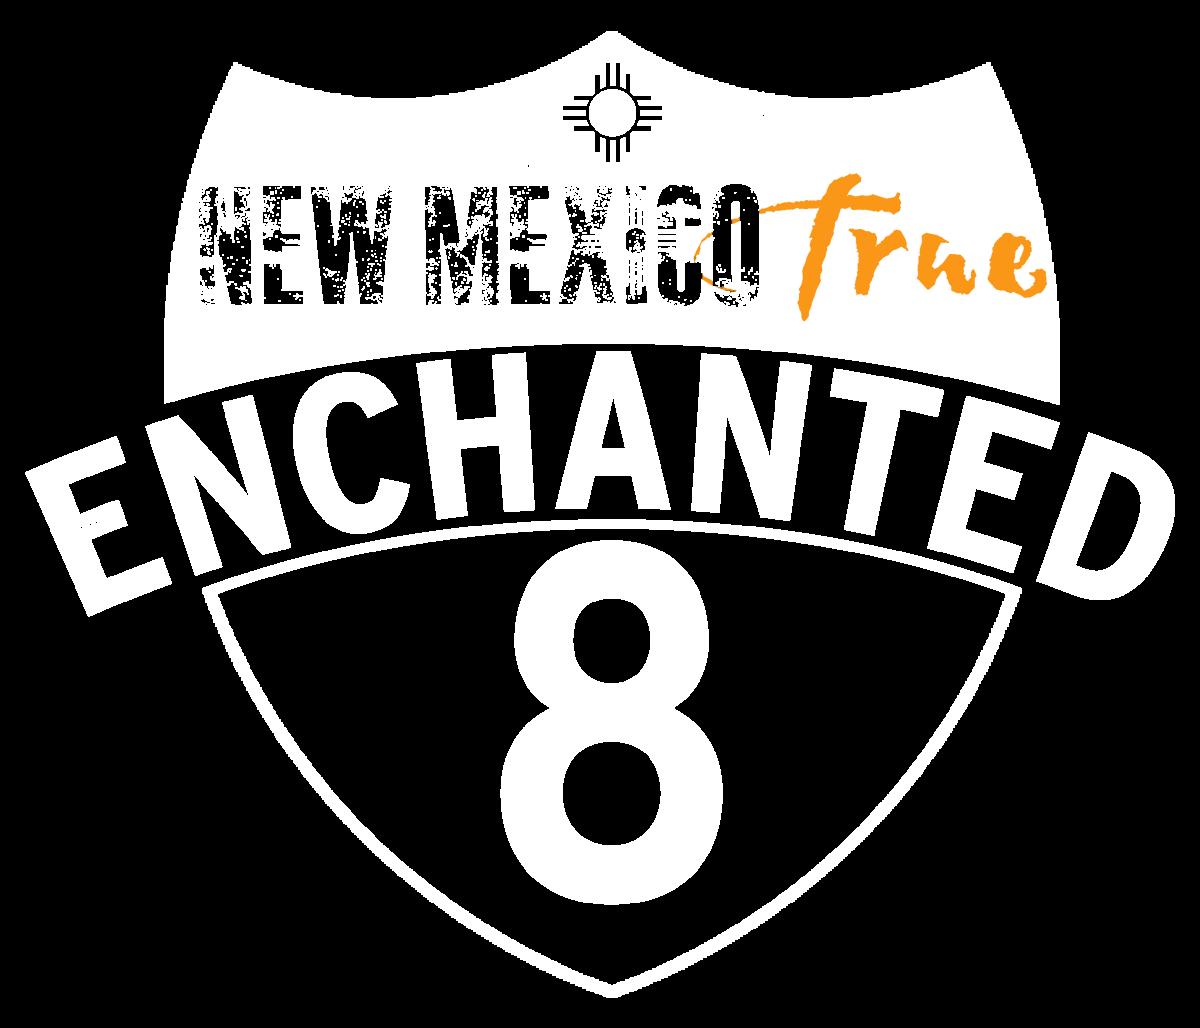 enchanted 8